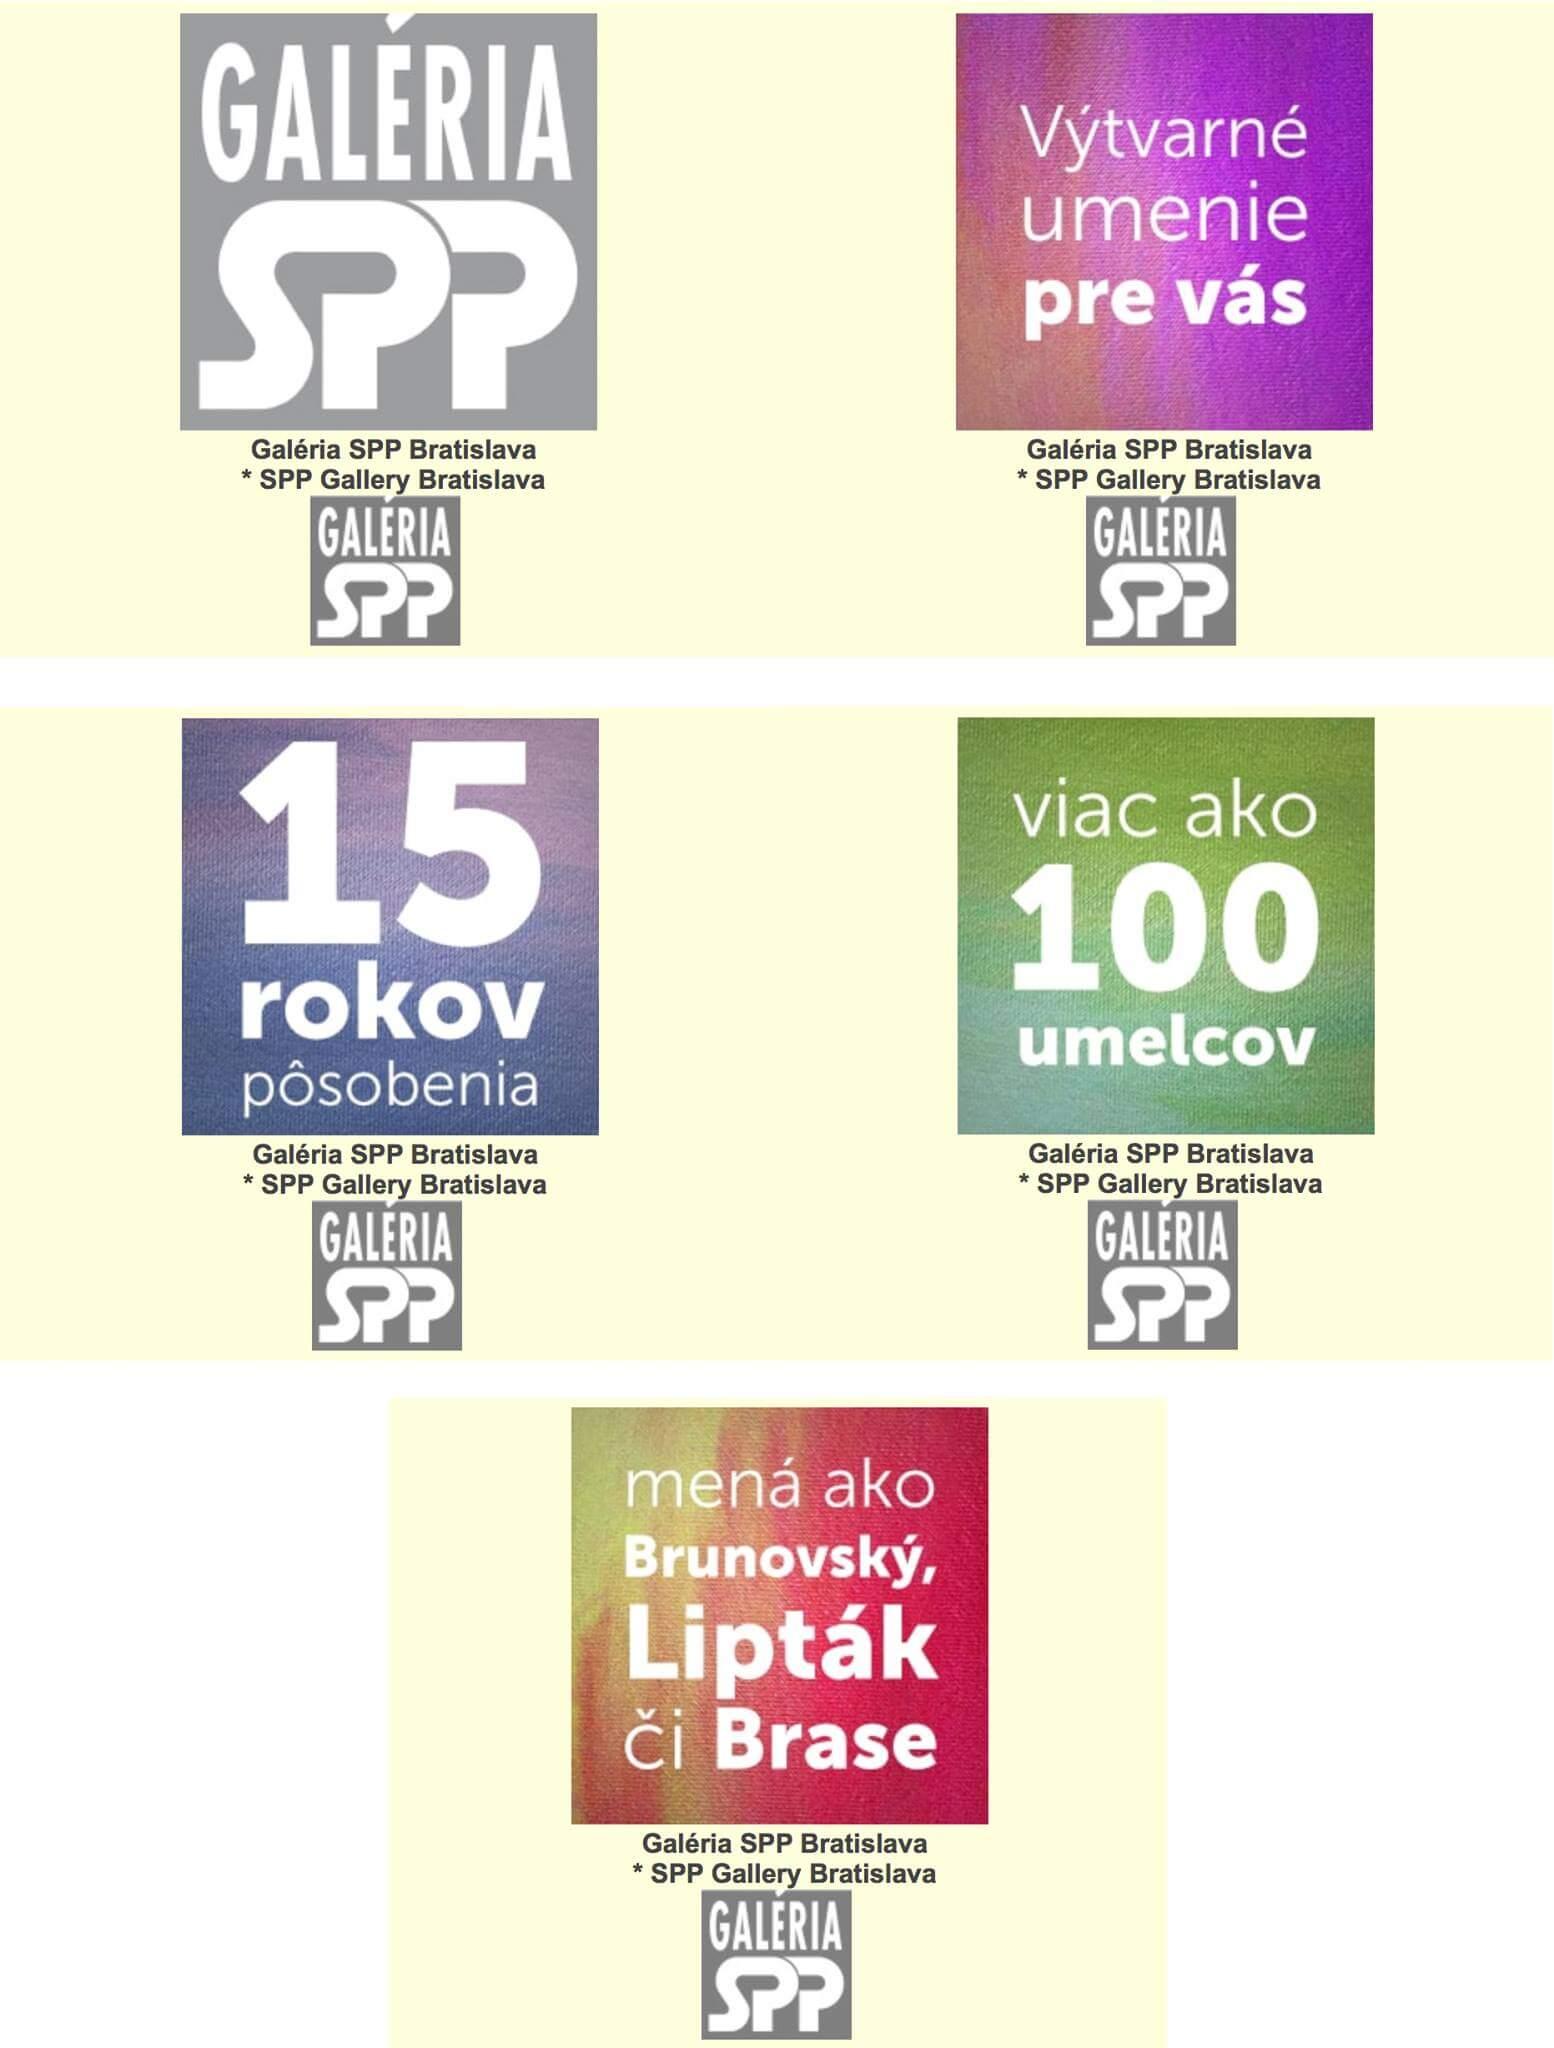 SPP galeria